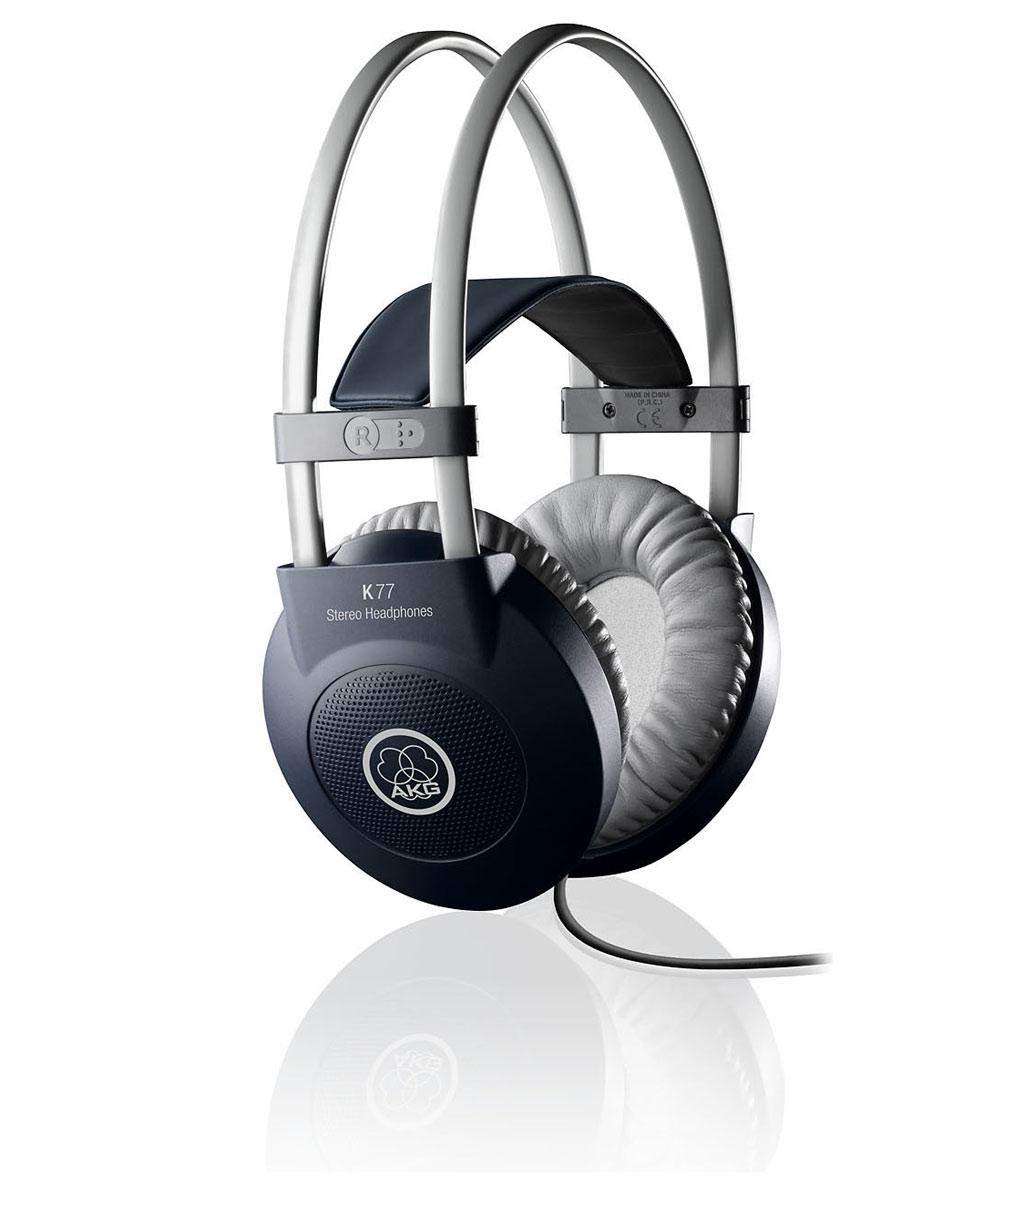 Powieksz do pelnego rozmiaru AKG K 77, AKG K77, AKG K-77, słuchawki profesjonalne, słuchawki studyjne, słuchawki realizatorskie, słuchawki uniwersalne, słuchawki z pałąkiem, słuchawki nagłowne, słuchawki wokółuszne, słuchawki zamknięte, słuchawki z kablem jednostronnym